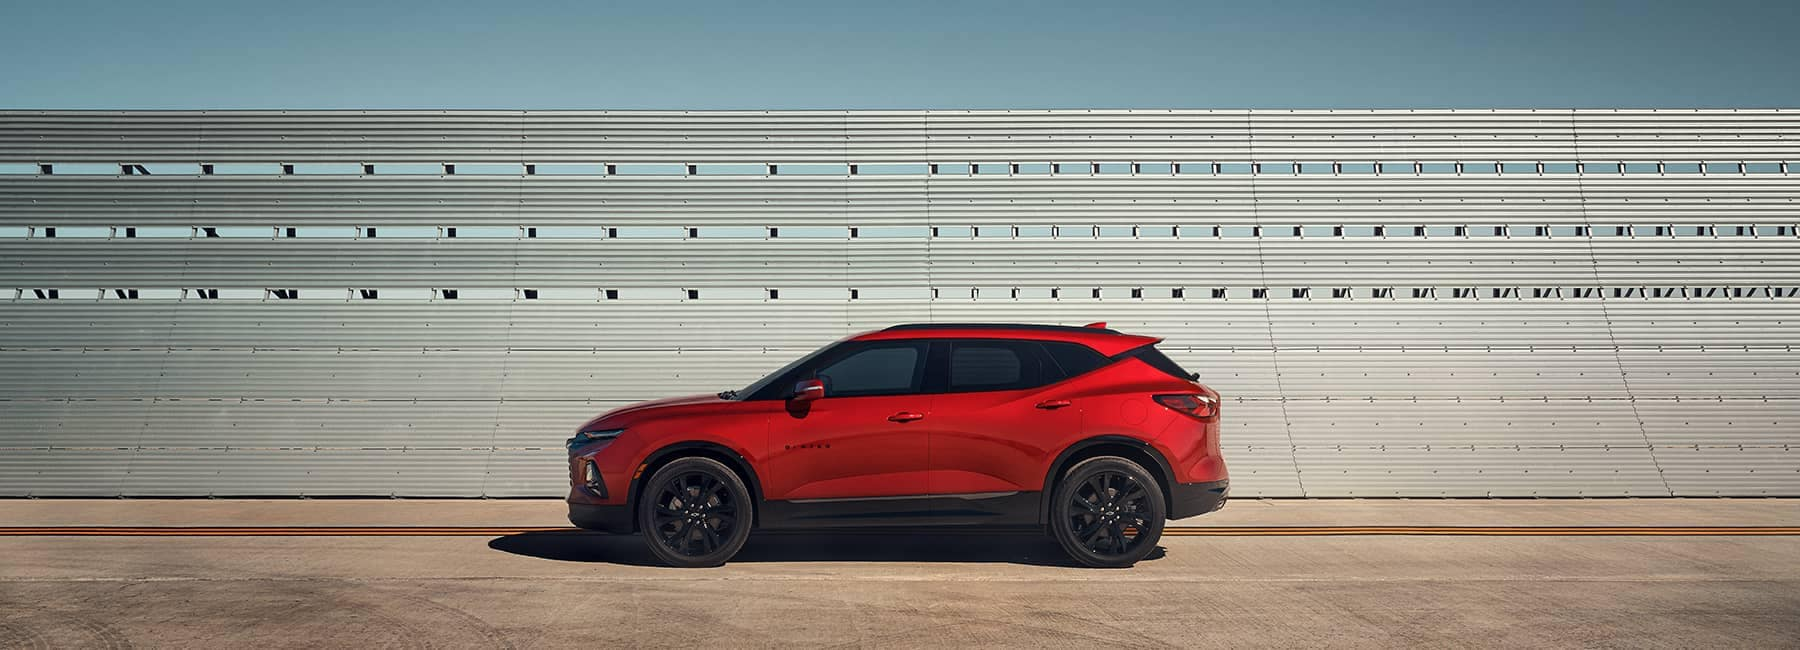 Red 2020 Chevrolet Blazer Sideview